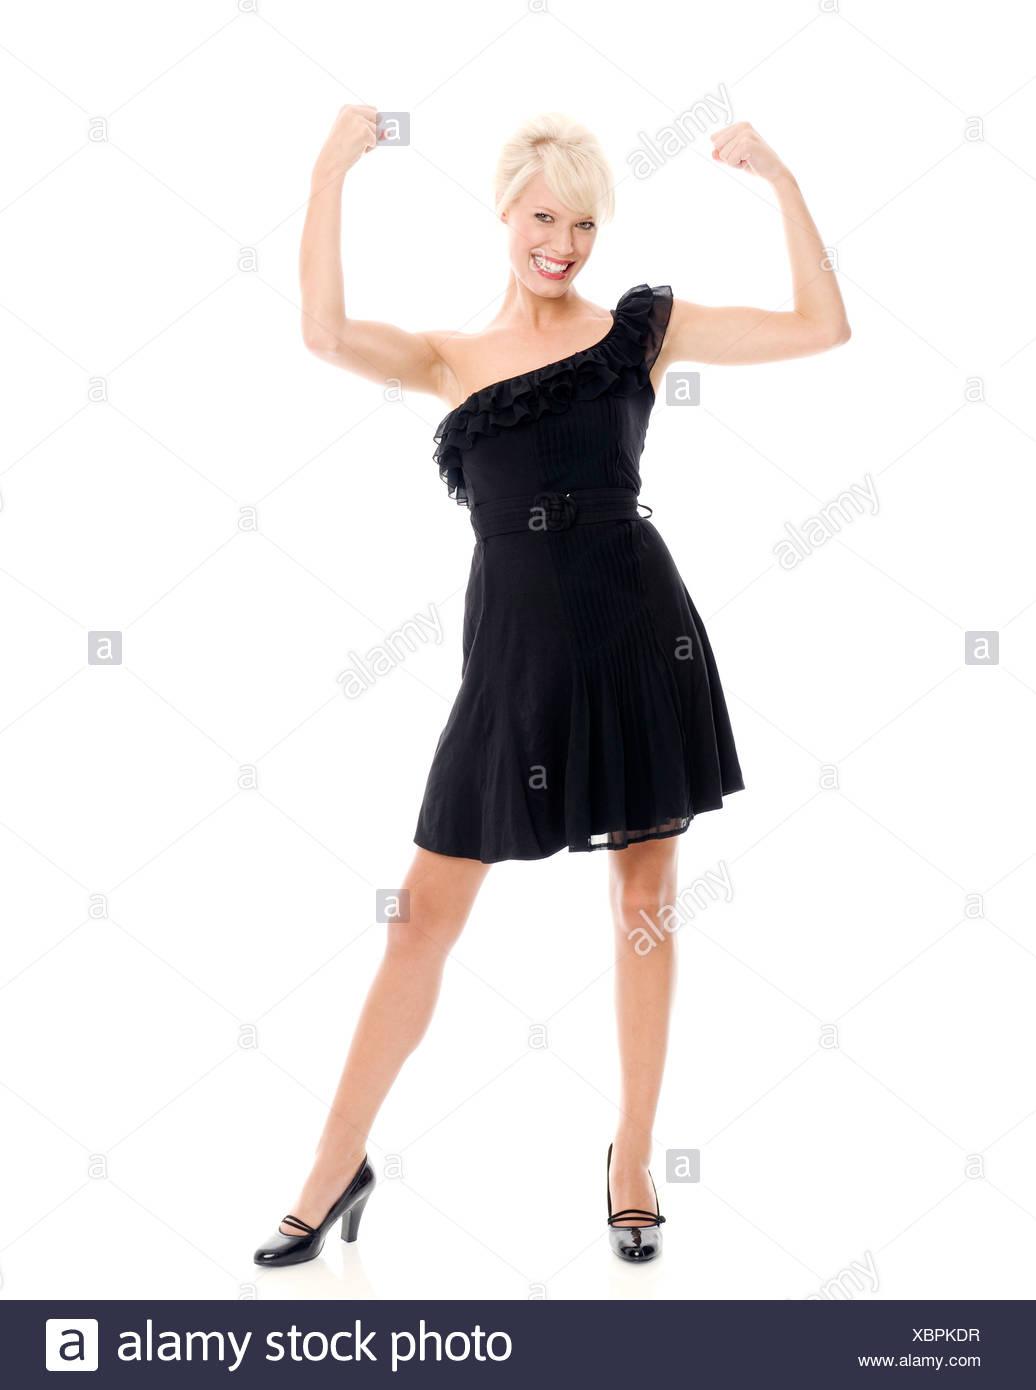 Schwarzes kleid mit schuhen